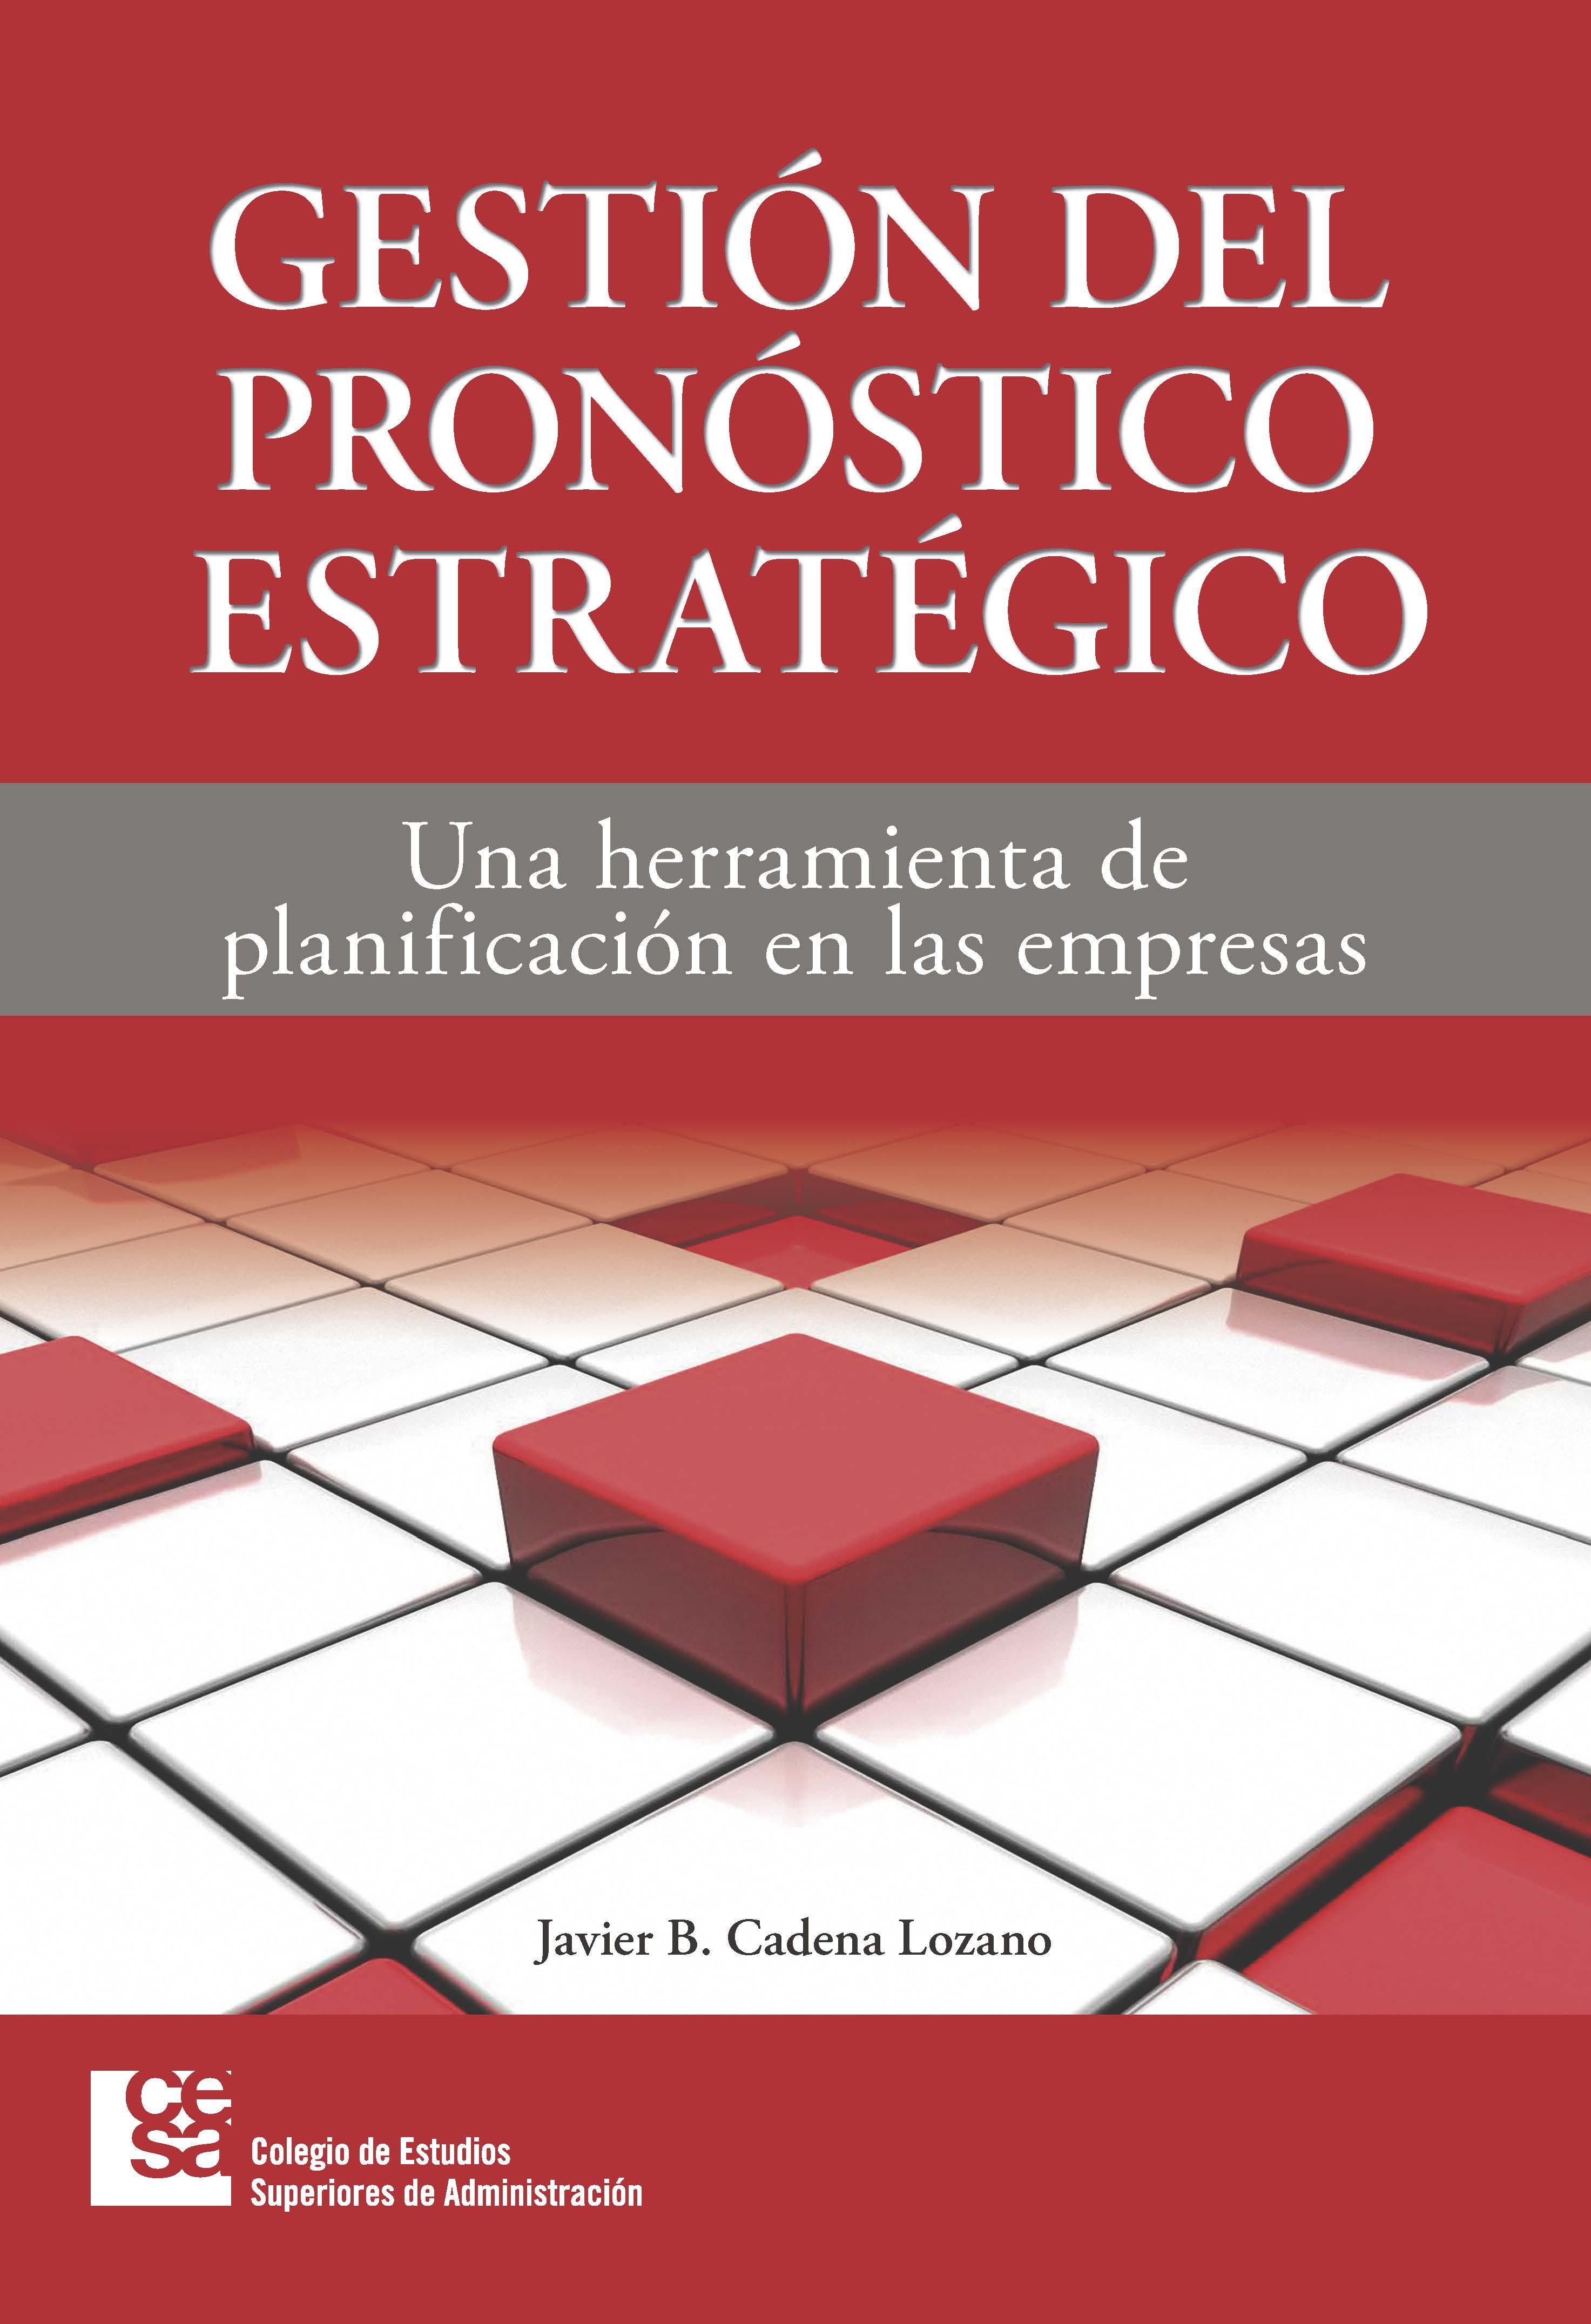 Gestión del pronóstico estratégico. Una herramienta de planificación en las empresas